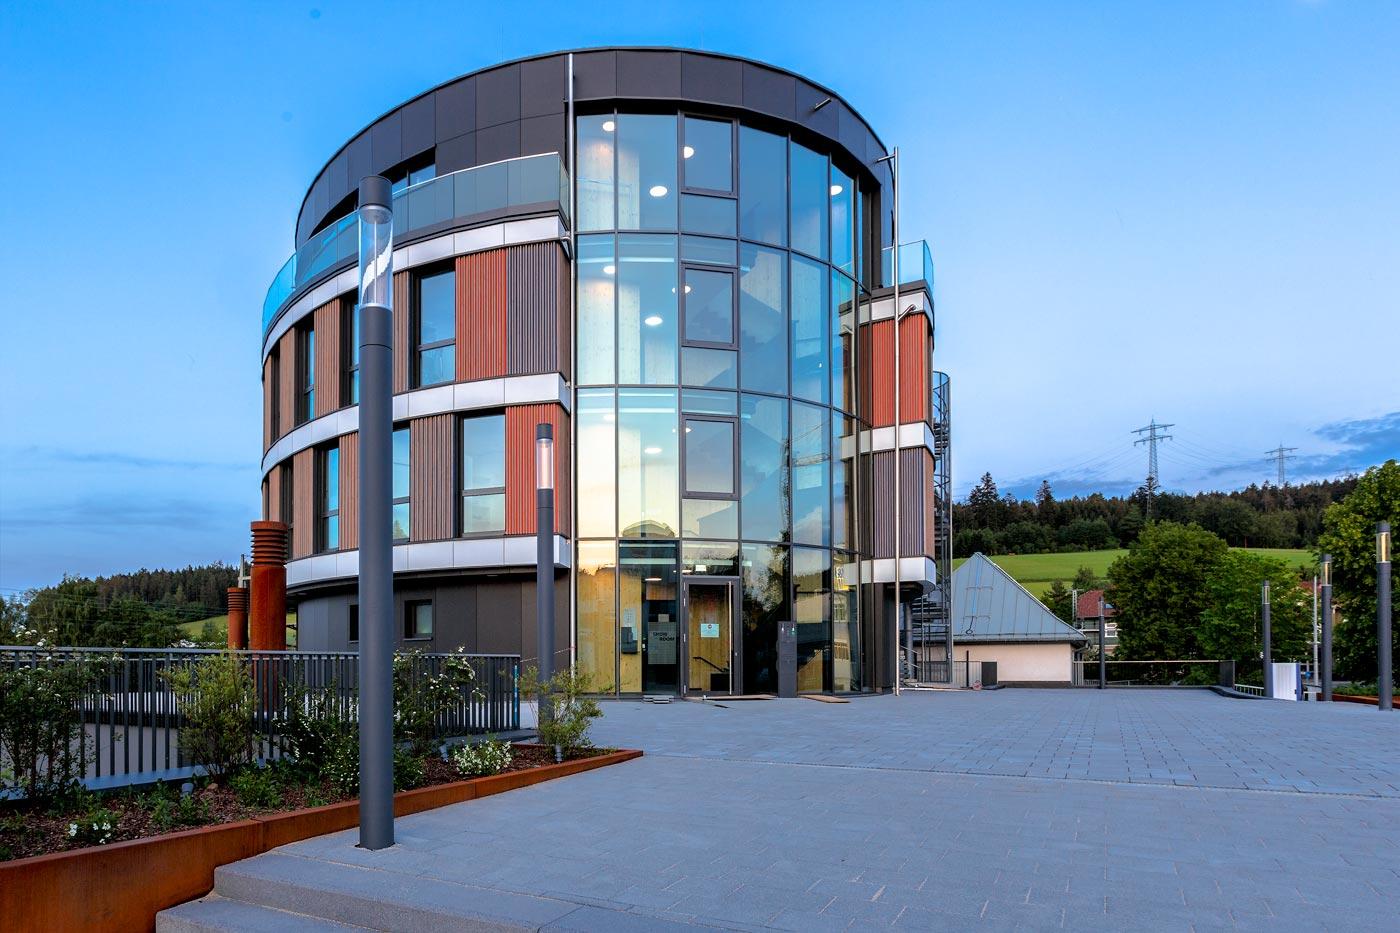 muench mb glasfassade alufenster egt2020 38774 - EGT Bürogebäude St. Georgen